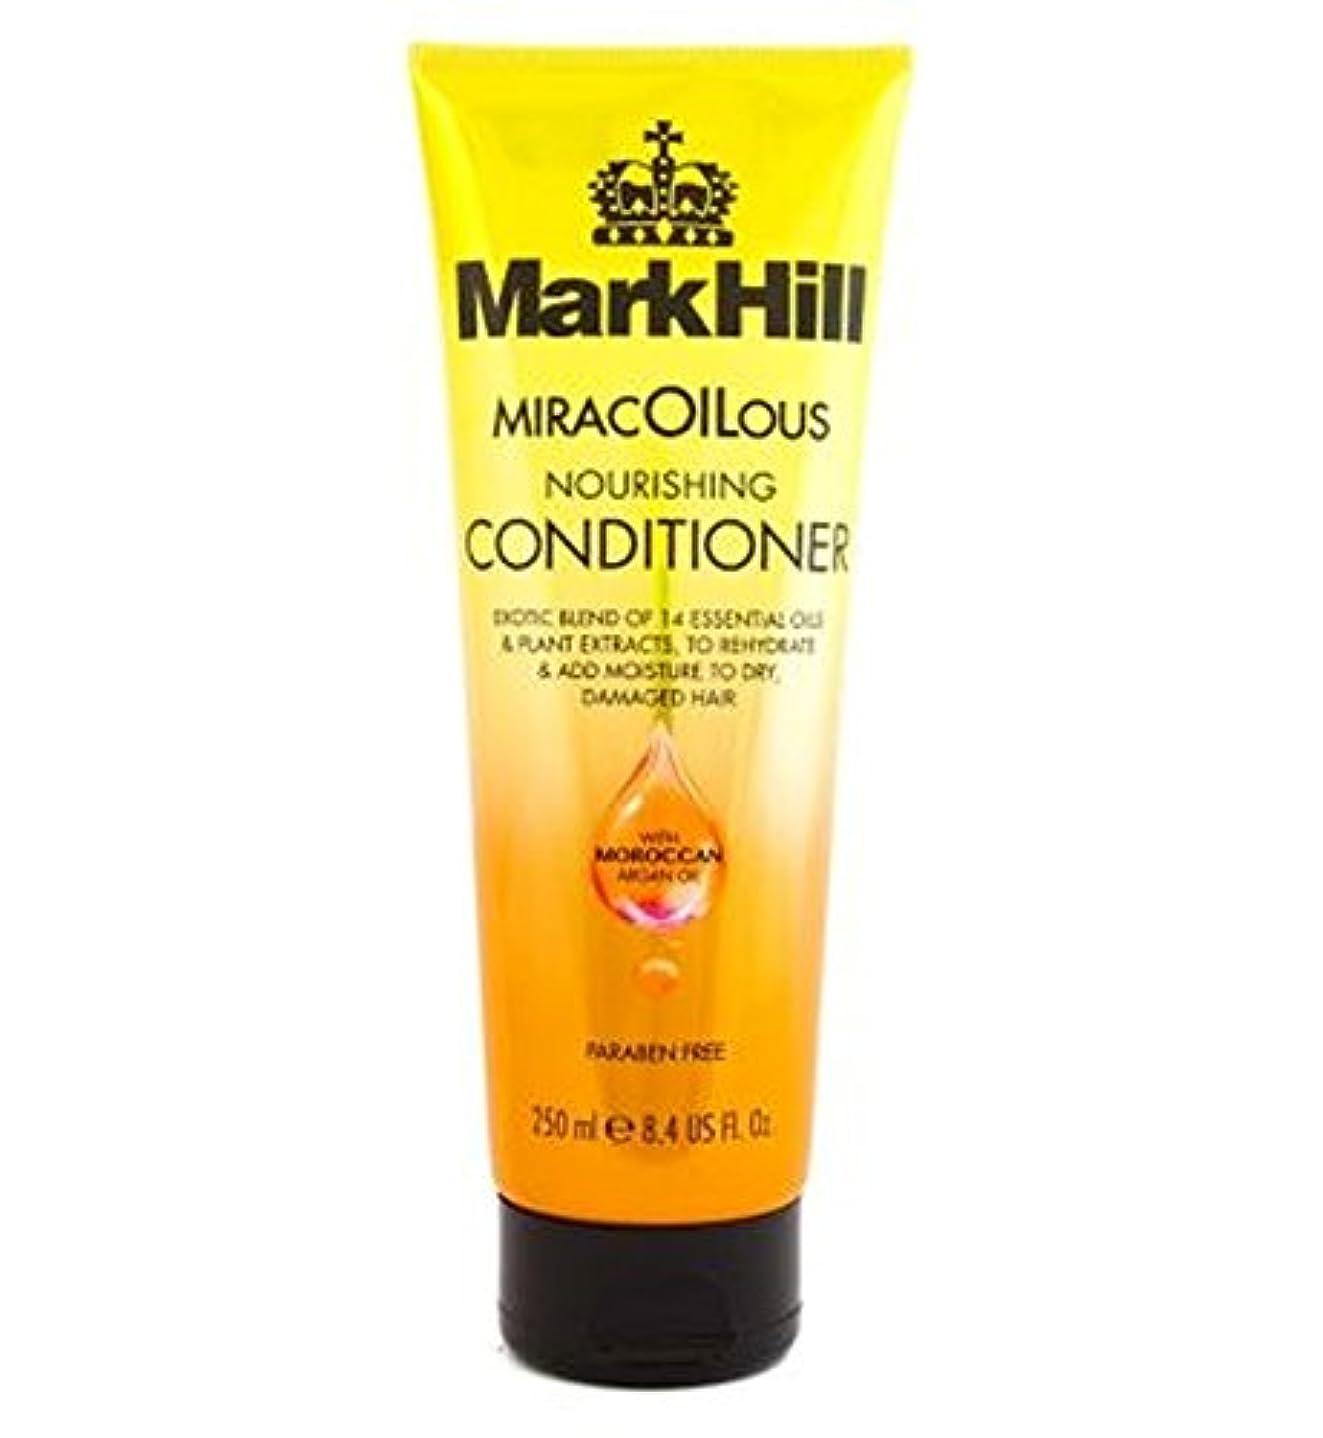 絶望的な問い合わせる攻撃Mark Hill MiracOILicious Conditioner 250ml - マーク丘Miracoiliciousコンディショナー250Ml (Mark Hill) [並行輸入品]